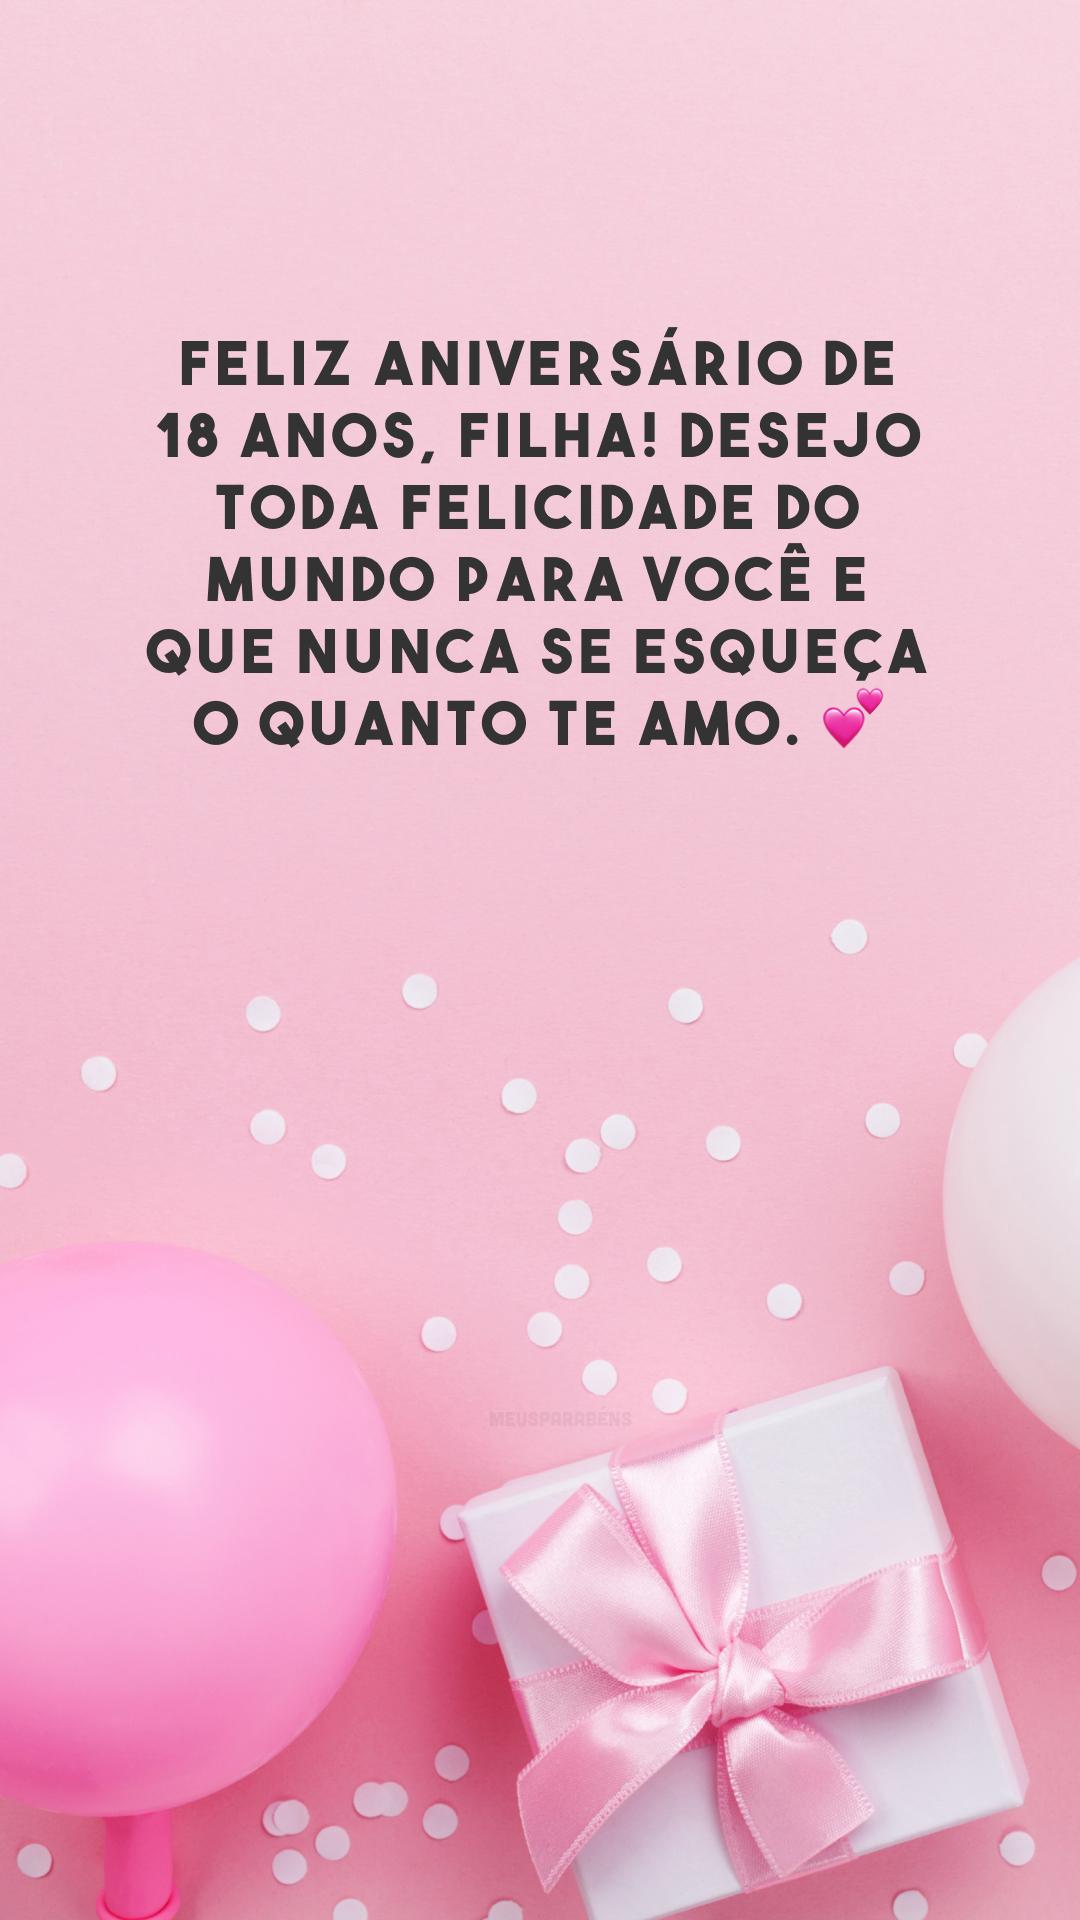 Feliz aniversário de 18 anos, filha! Desejo toda felicidade do mundo para você e que nunca se esqueça o quanto te amo. 💕